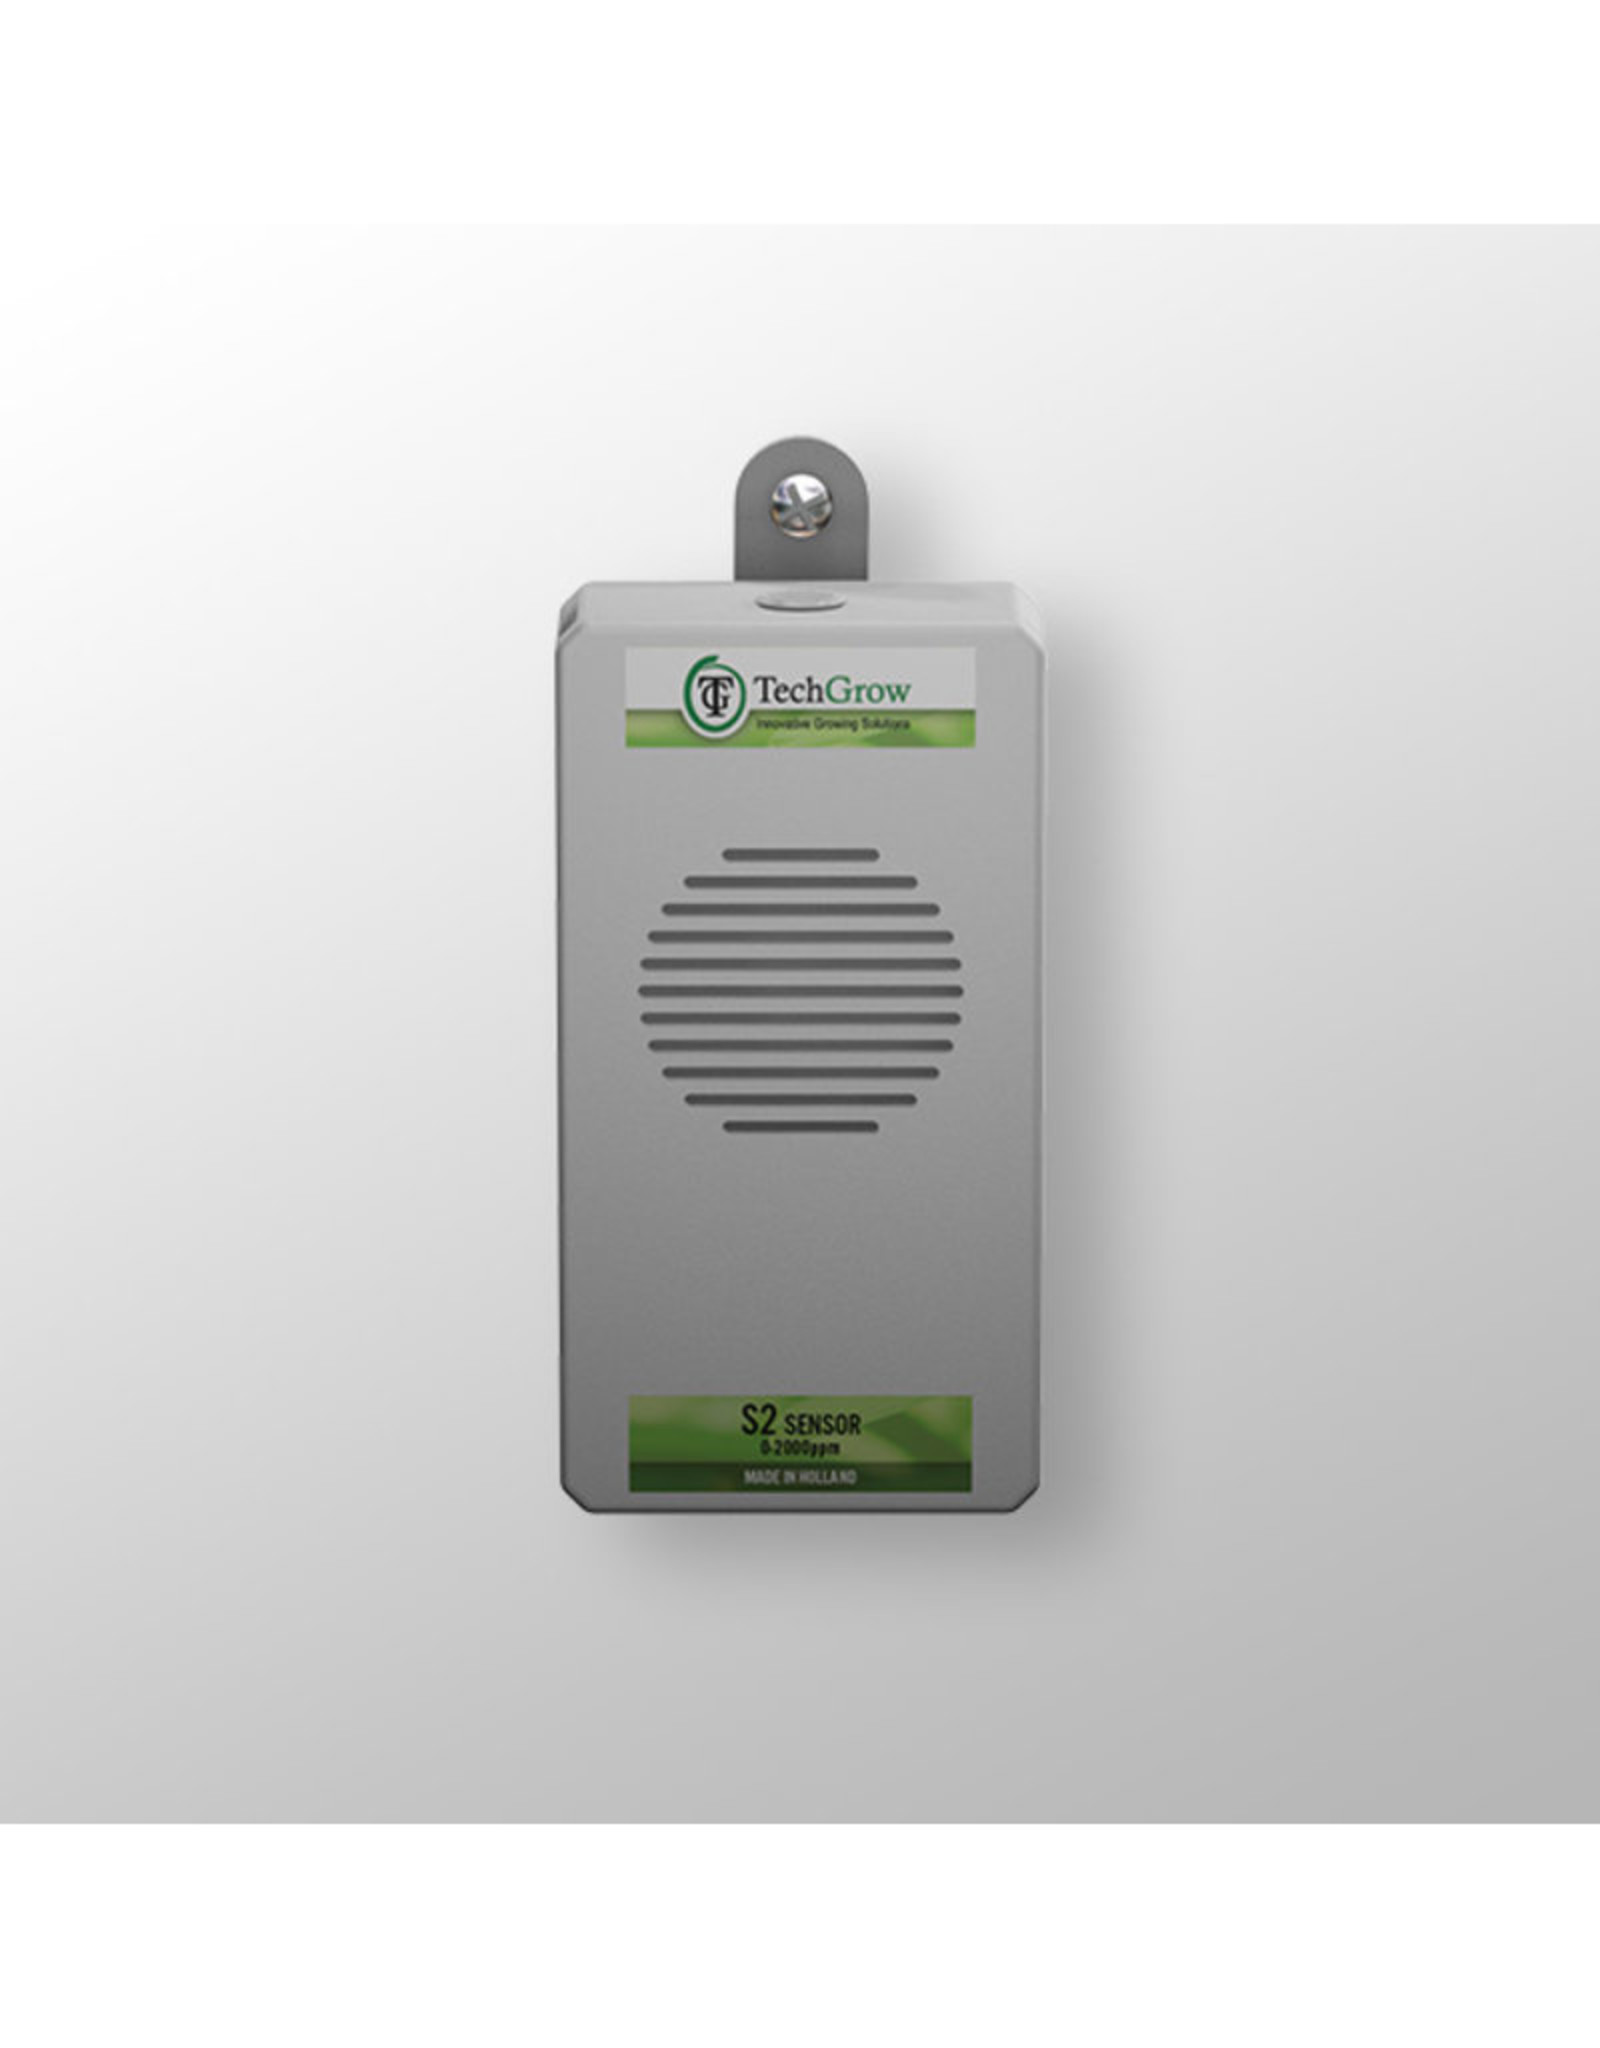 TechGrow TECHGROW S2 SENSOR  0-10000PPM CO2/LIGHT